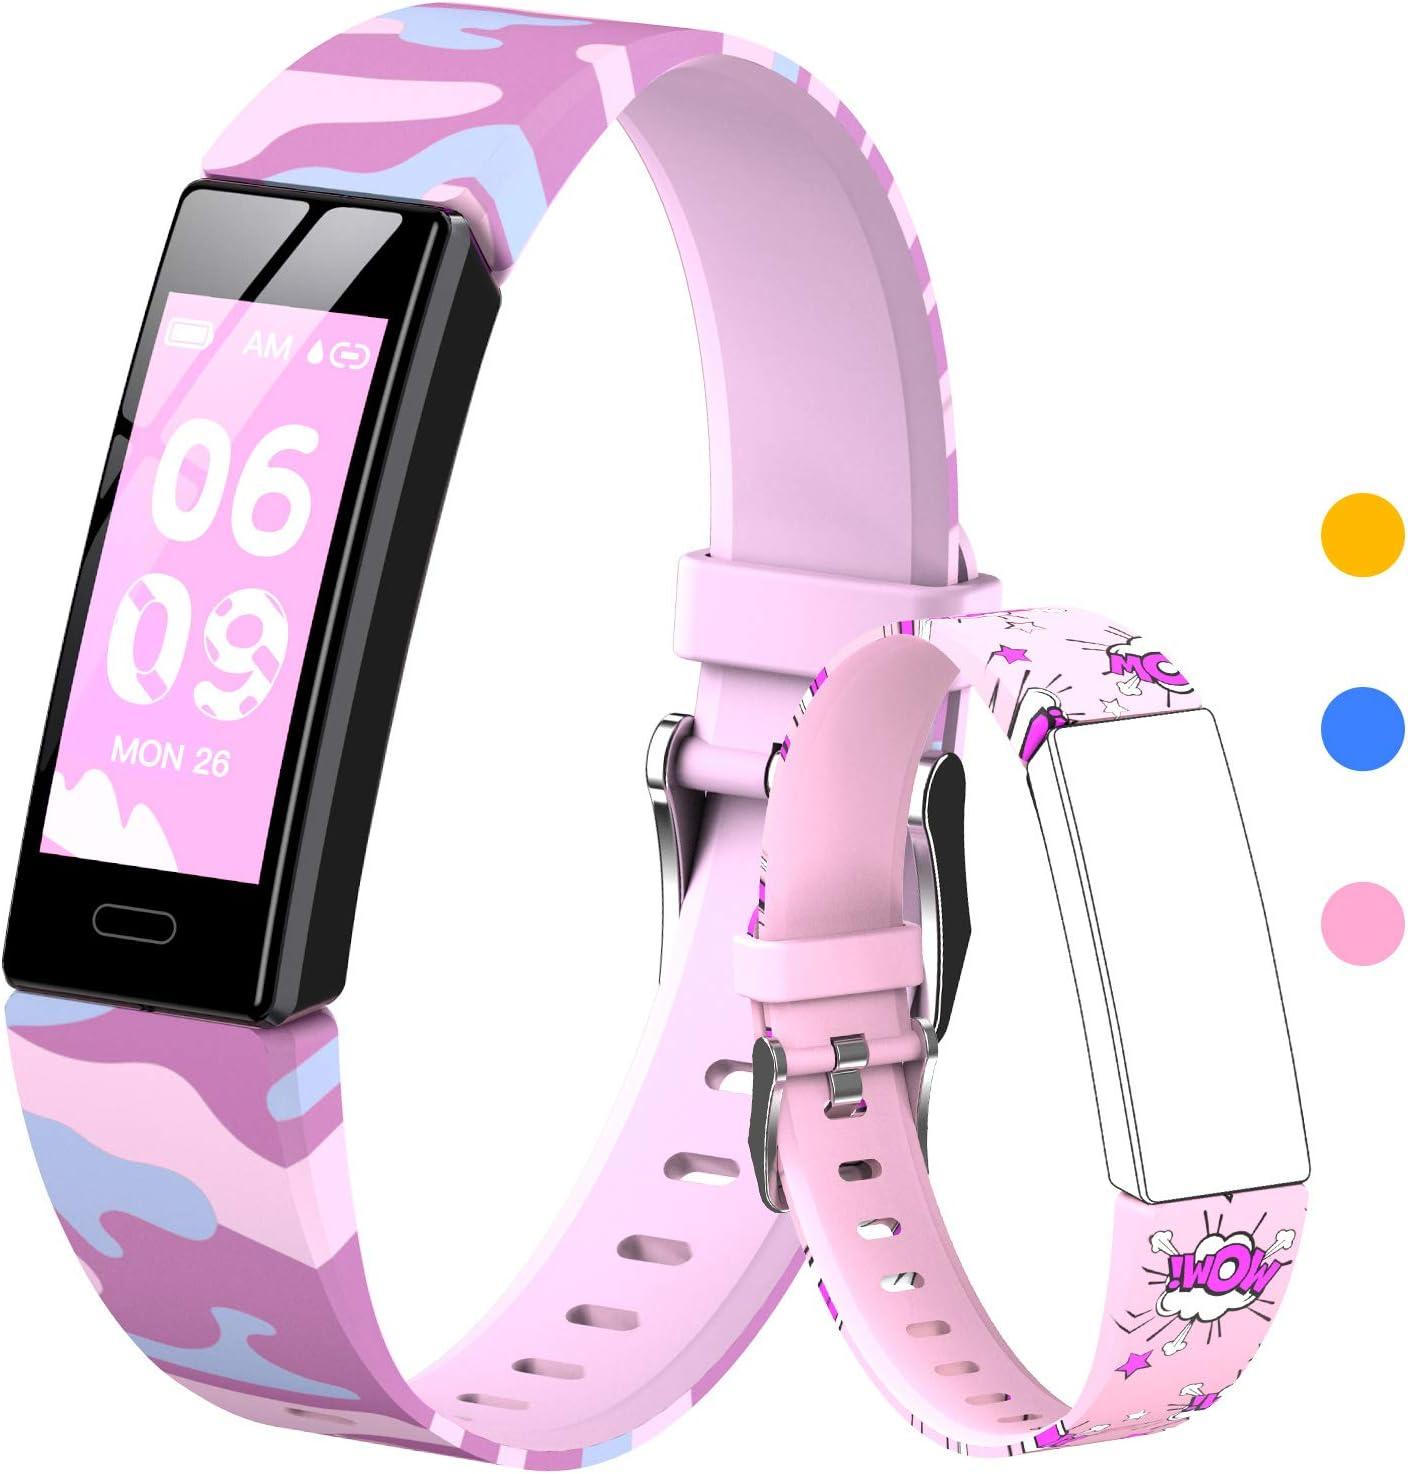 HOFIT Pulsera Actividad Para Niños, Reloj Inteligente con Podómetros, Monitor de Frecuencia Cardíaca y Sueño, Cronómetro, Ip68 Resistente Pulsera Deportiva Banda Inteligente, Smartwatch con 2 Pulseras